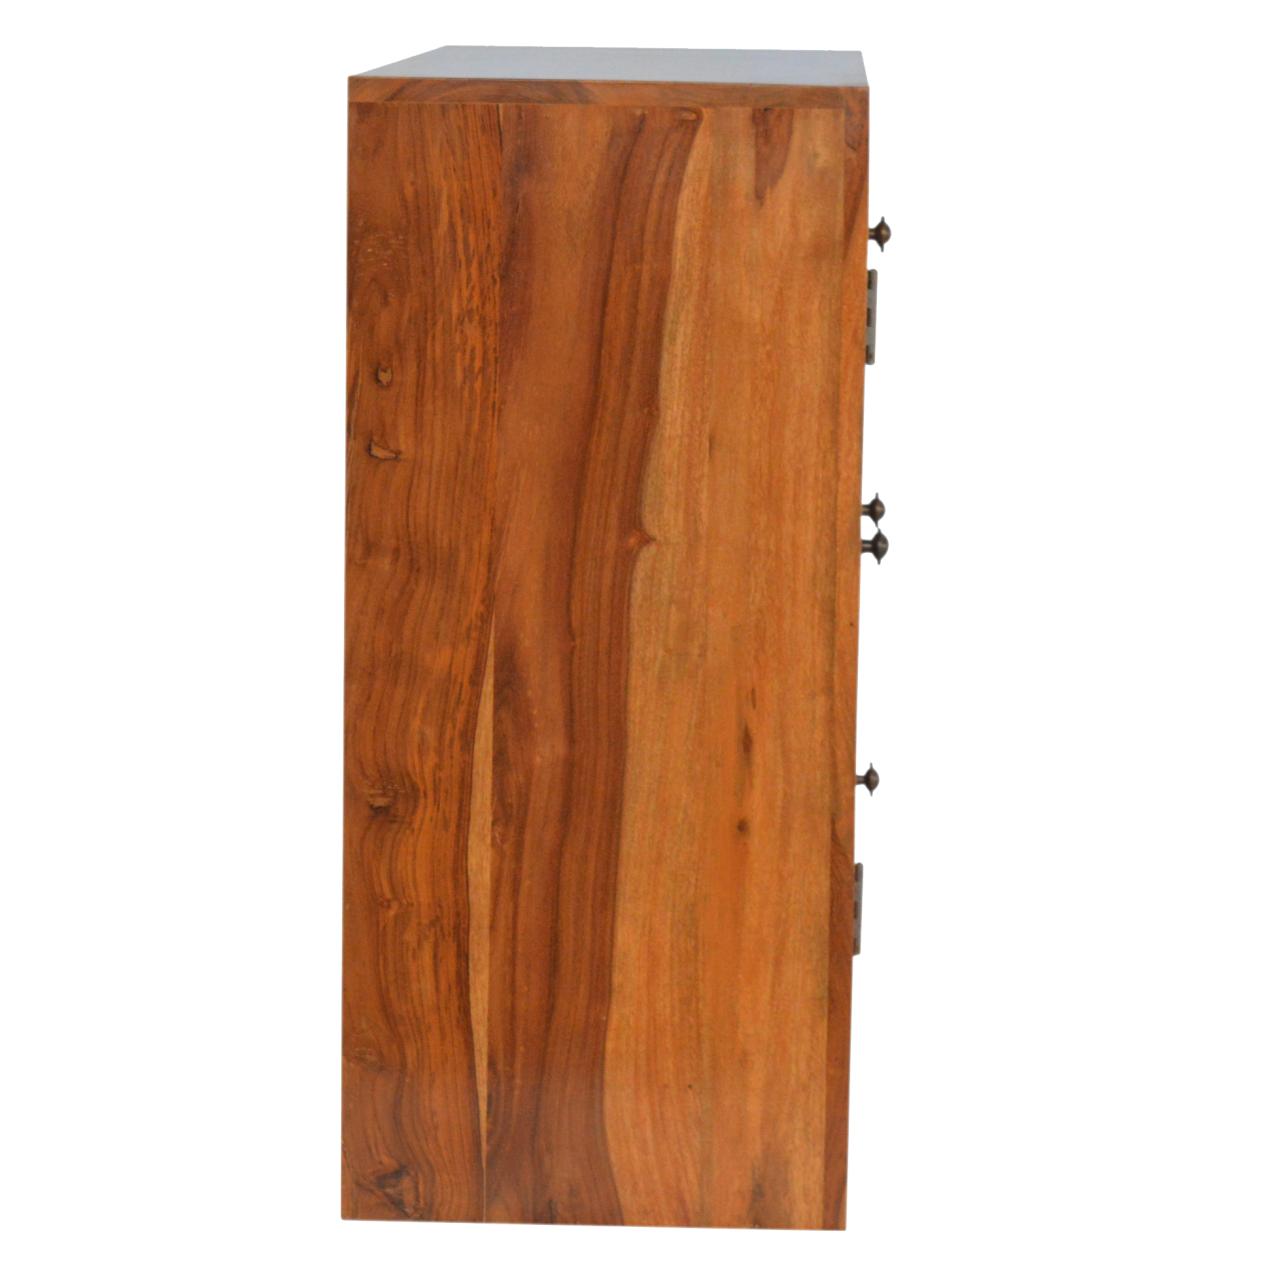 IN198 Sheesham Wood 3 Drawer 1 Door Cabinet